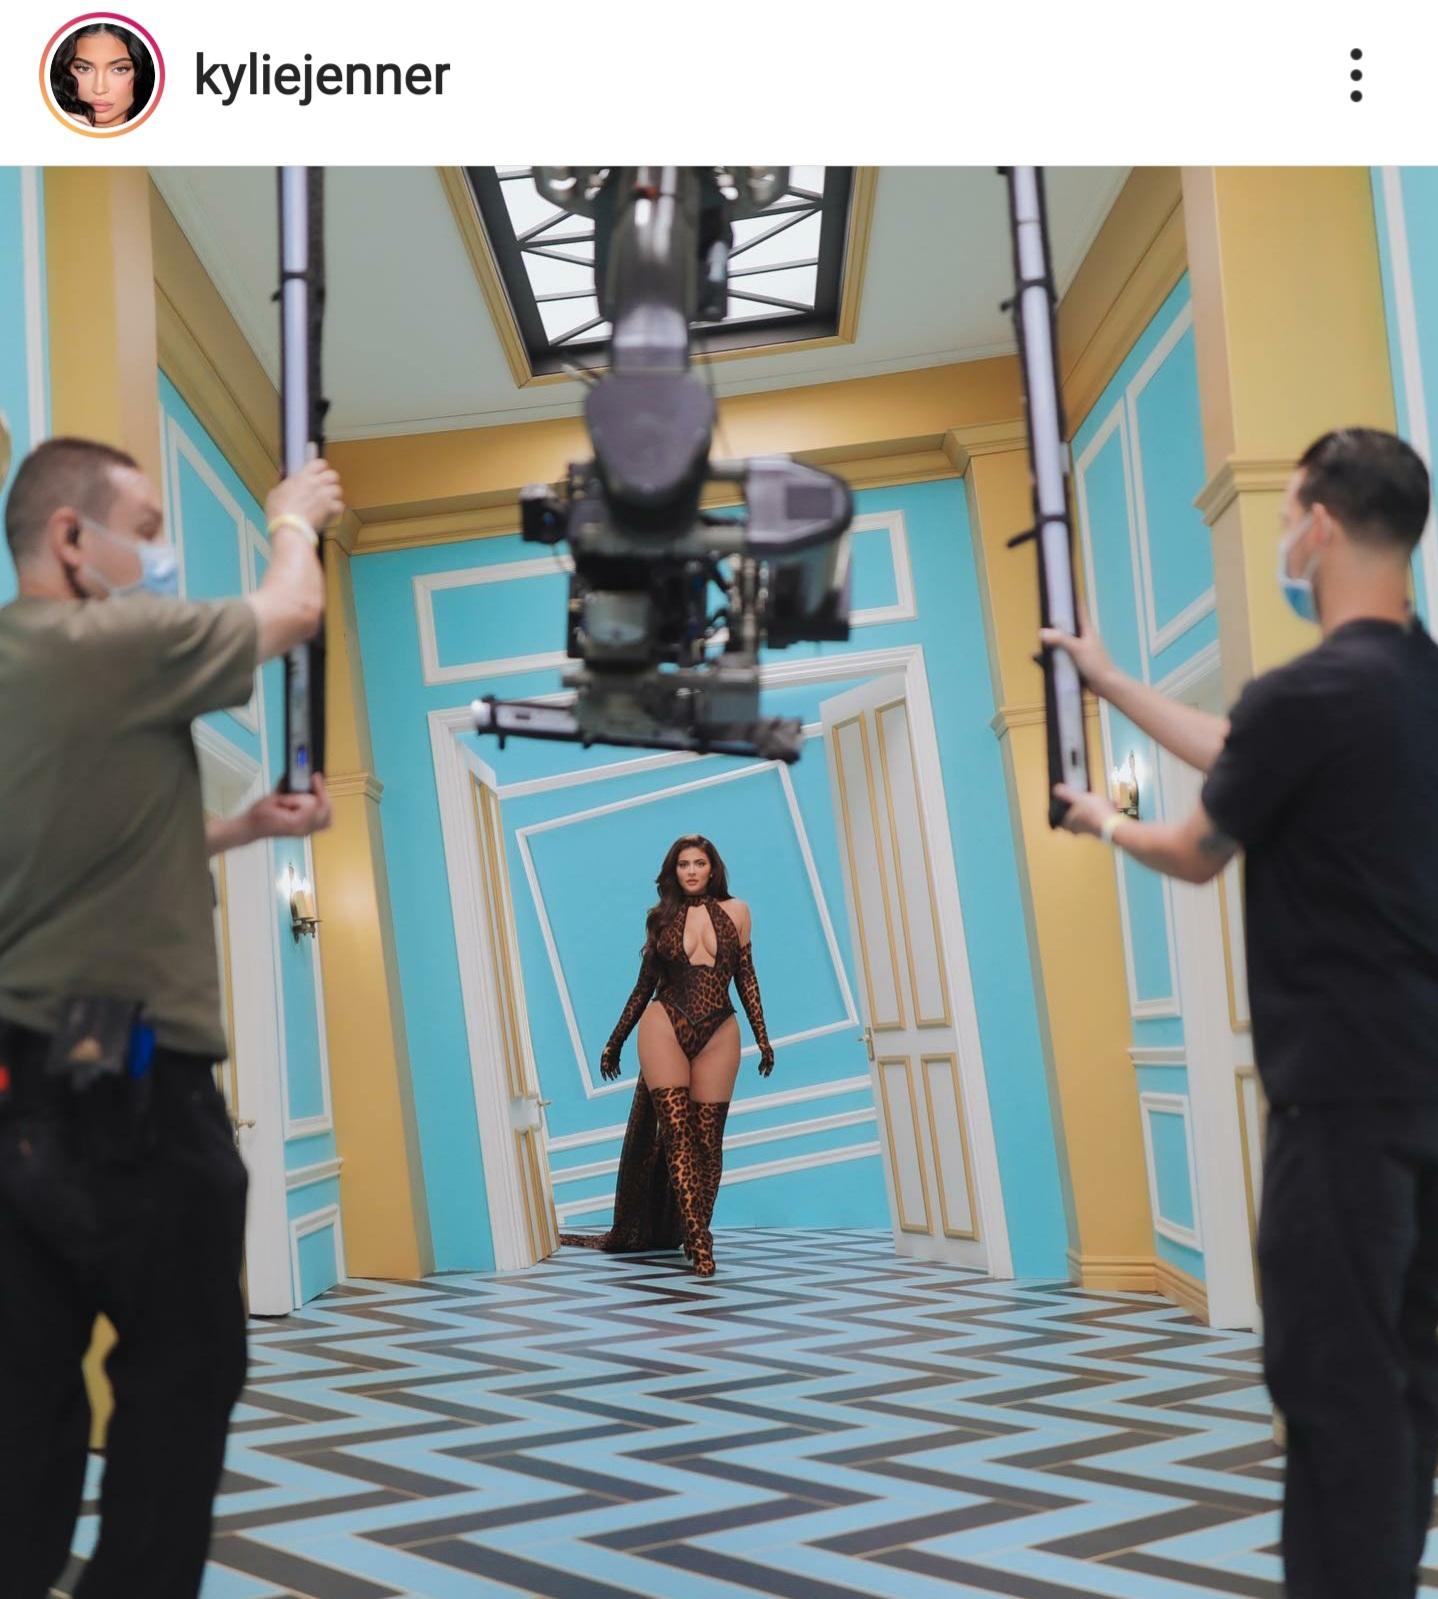 קיילי ג'נר בצילומים לקליפ WAP